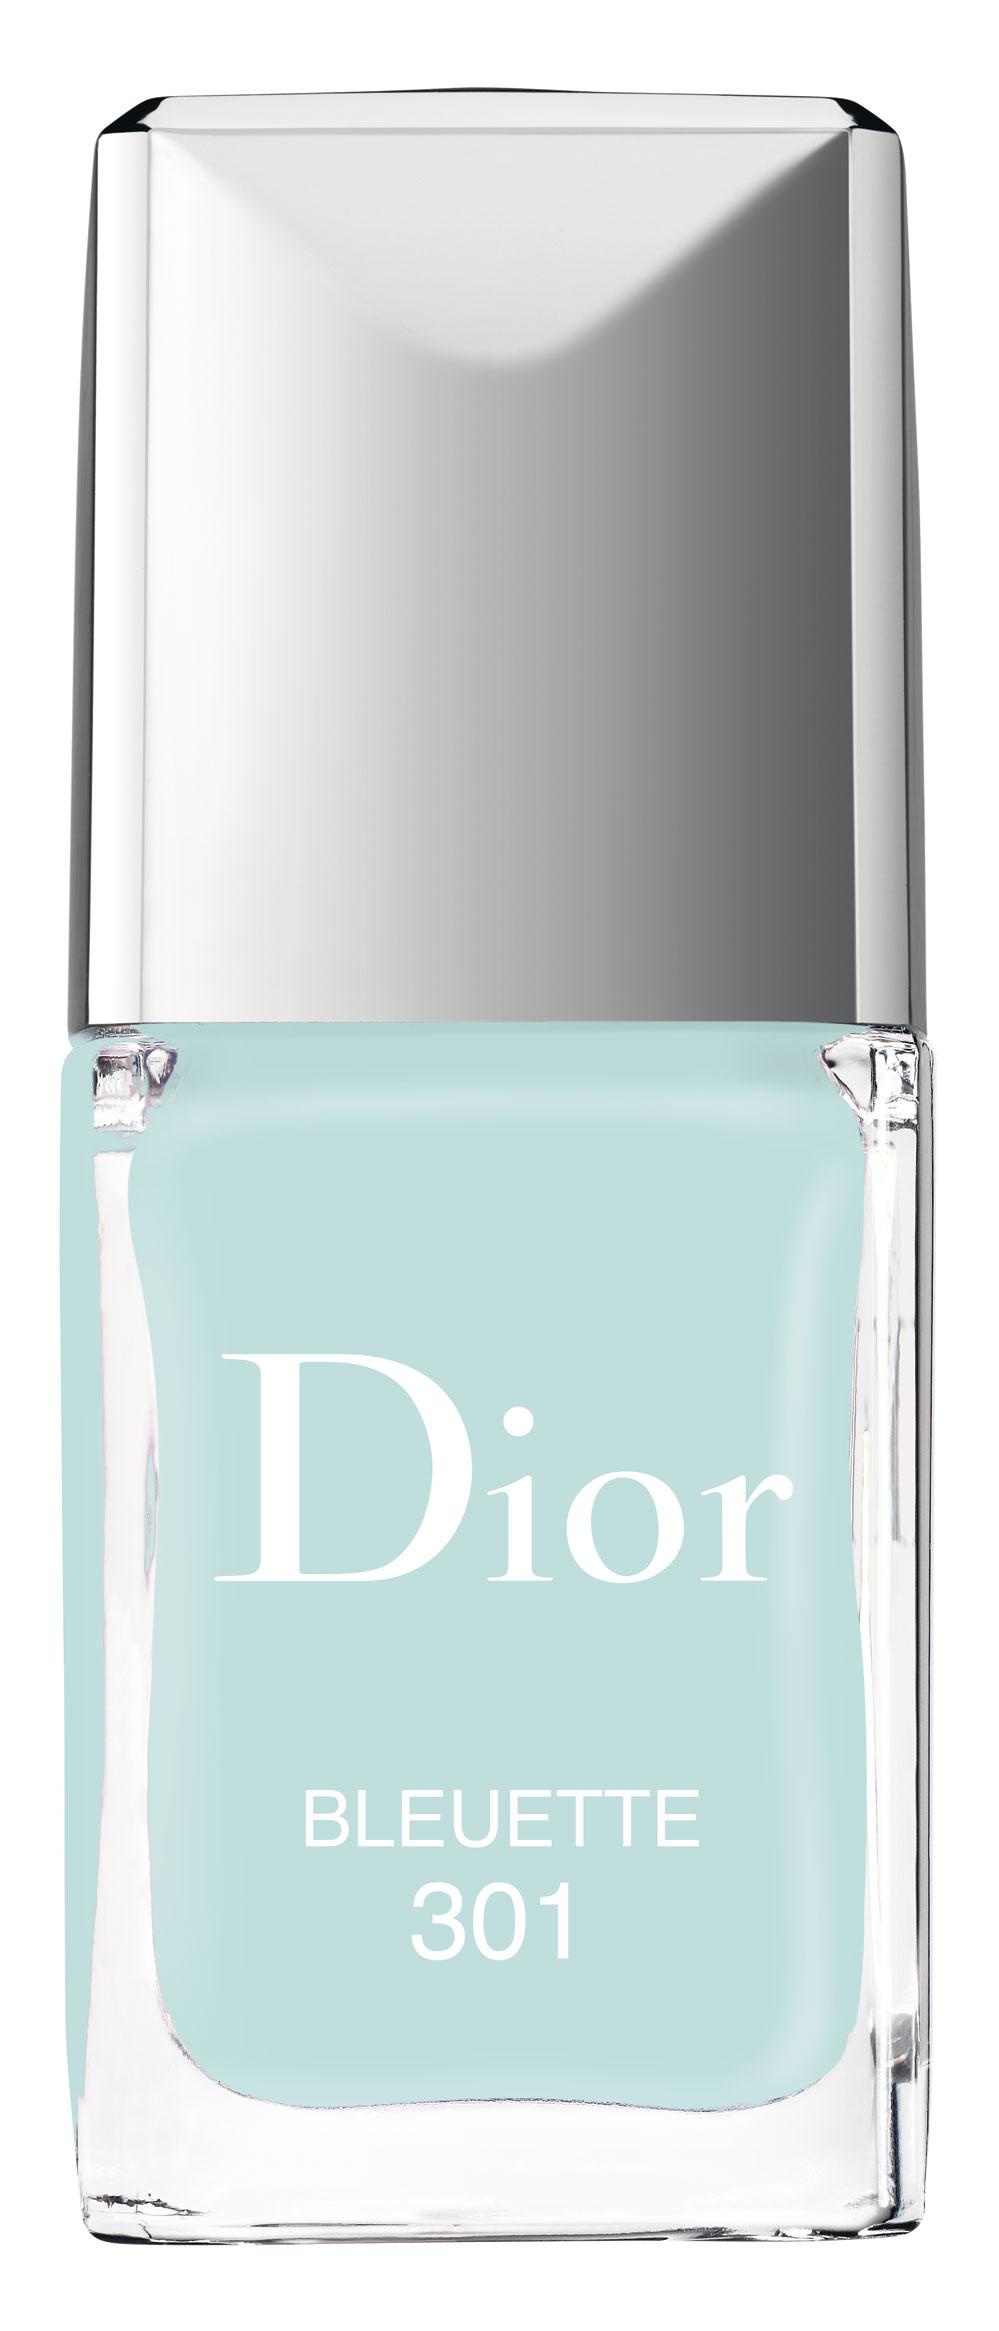 Dior Glowing Gardens. Vernis Bleuette.